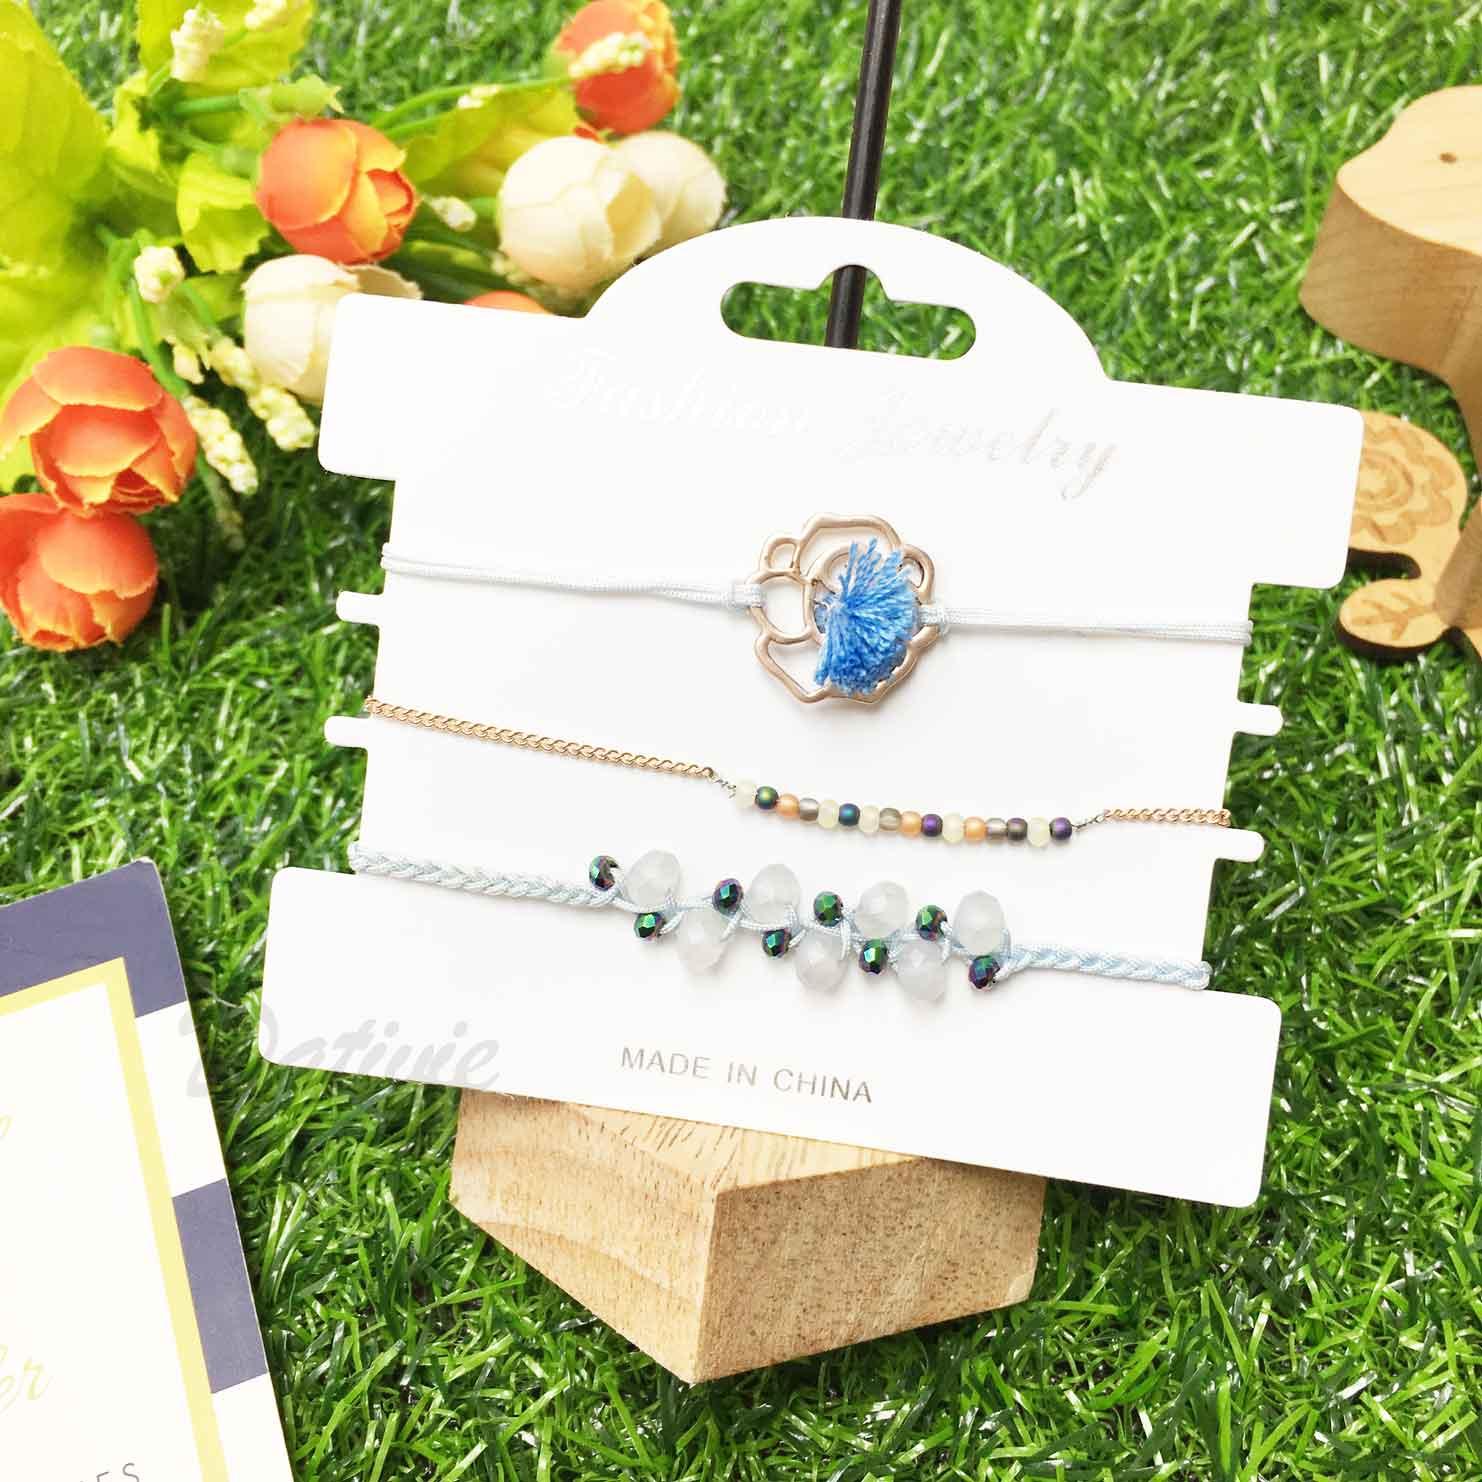 花 玫瑰金 串珠 流蘇 水晶 淺藍色 編織 3入組 細繩 手繩 手鍊